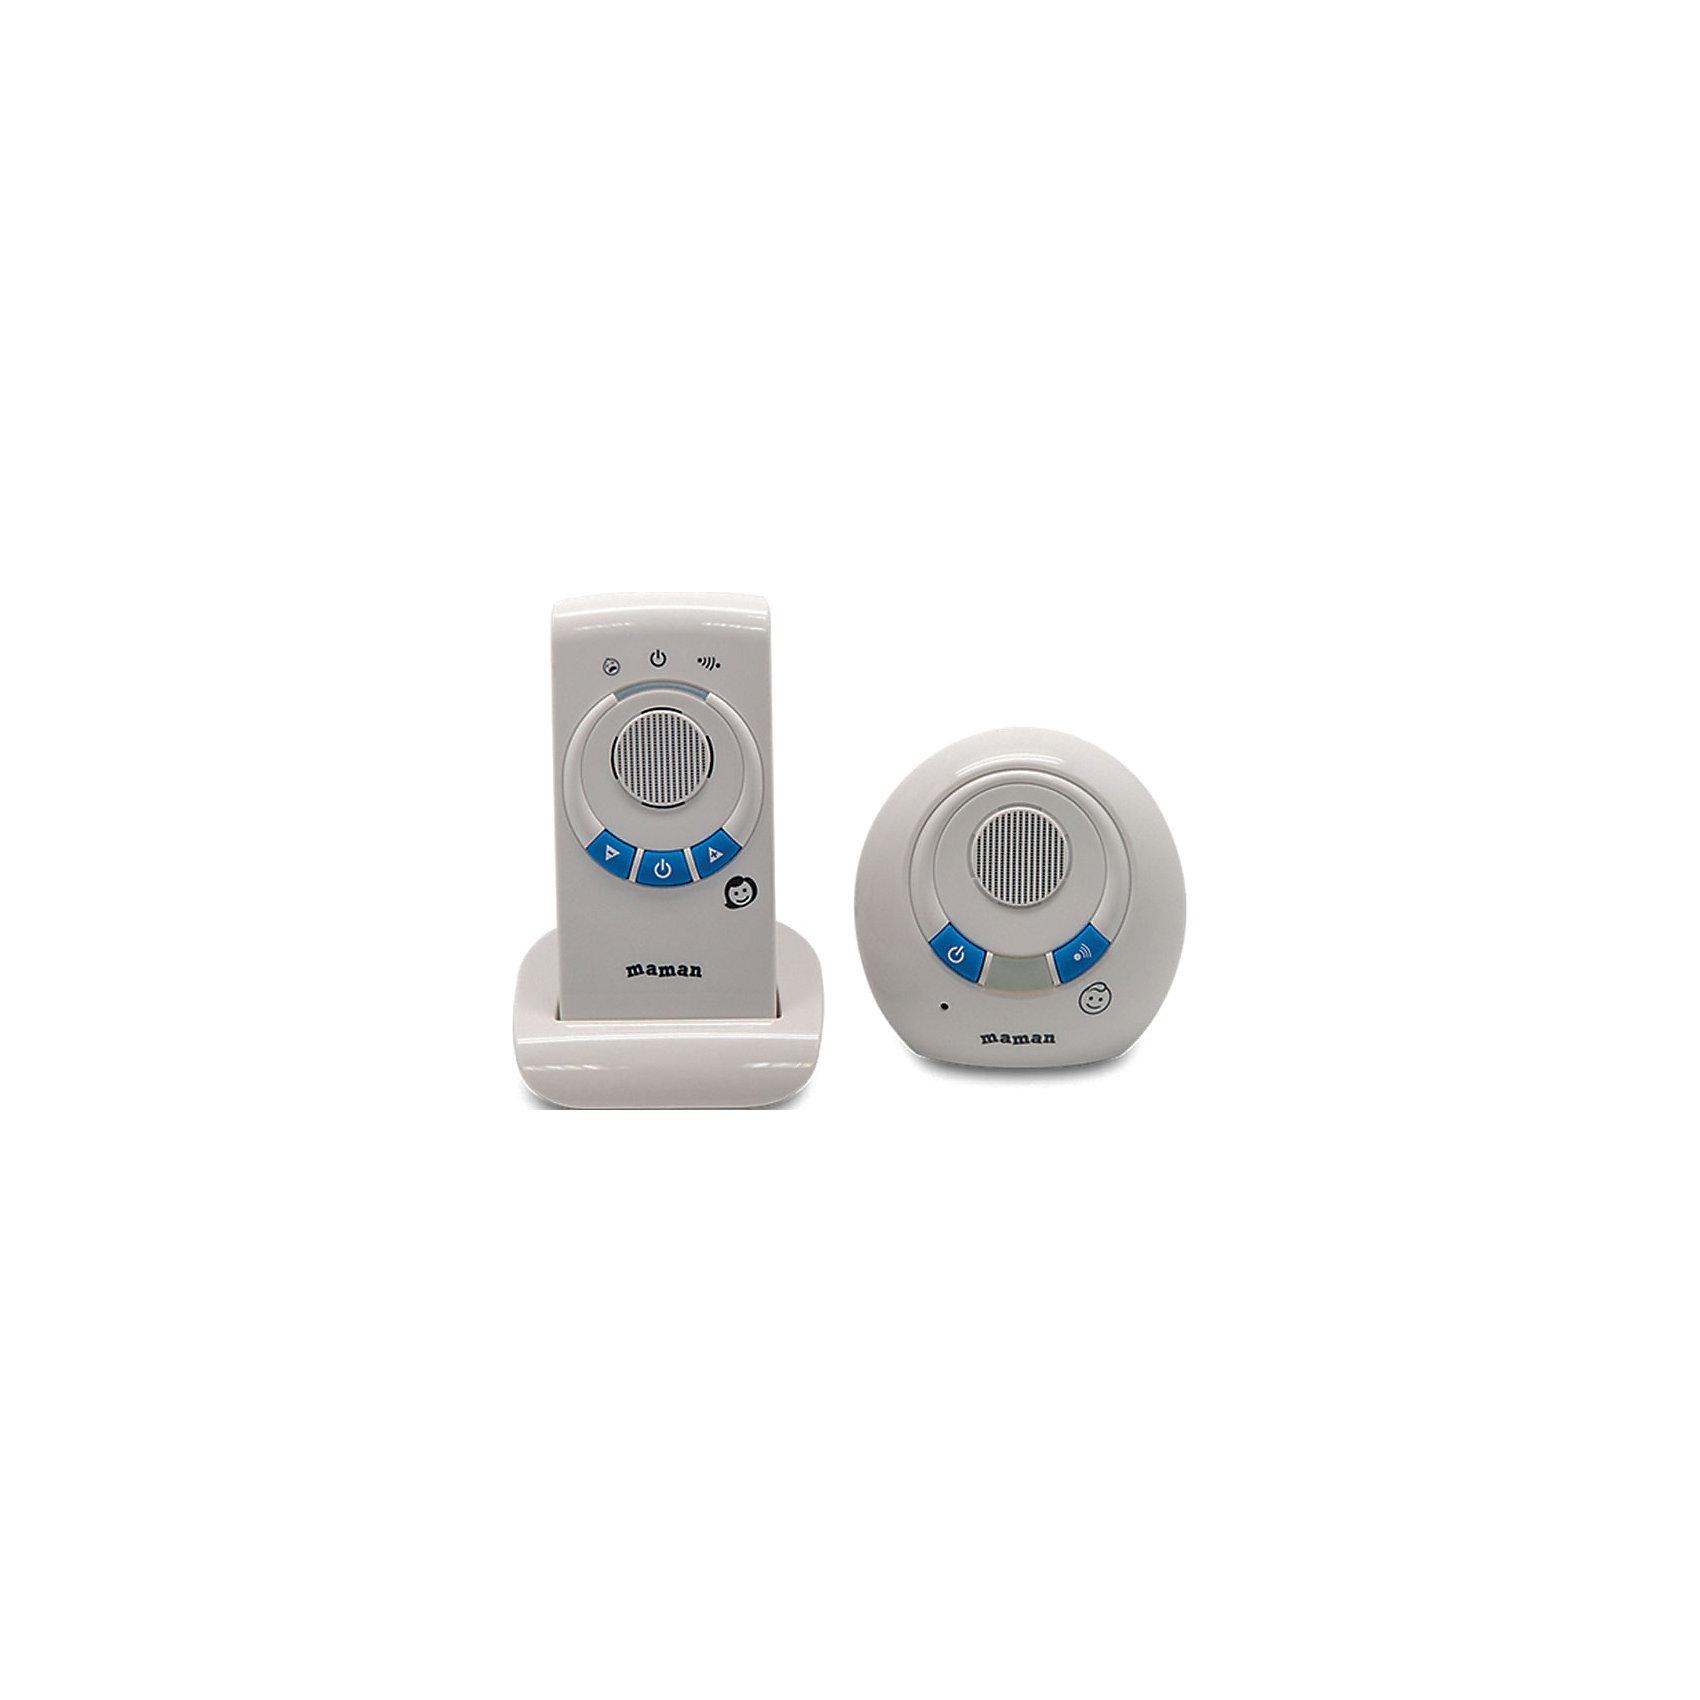 Радионяня RD-2810, MamanЭта беспроводная система аудио-наблюдения поможет контролировать поведение ребенка в детской комнате. Дальность действия устройства составляет 300 метров, сверхчувствительный датчик улавливает малейший шум или шорох ребенка. Радионяня Maman RD-2810 работает как от сети, так и от батареек, отличается интуитивно понятным интерфейсом и простотой управления.<br><br>Дополнительная информация:<br>- Комплектация: передатчик, приемник, сетевой адаптер, подставка, инструкция<br>- Питание: от сети (220 В)/от аккумуляторов 2хААА (идут в комплекте)<br>- Радиуса действия: от 201 до 300 метров<br>- Размер детского блока: 90х90х50 мм<br>- Вес детского блока: 0,07 кг<br>- Размер родительского блока: 58х118х38 мм<br>- Вес родительского блока: 0,08 кг<br><br>Радионяню RD-2810, Maman можно купить в нашем интернет-магазине.<br><br>Ширина мм: 110<br>Глубина мм: 265<br>Высота мм: 185<br>Вес г: 625<br>Возраст от месяцев: 0<br>Возраст до месяцев: 36<br>Пол: Унисекс<br>Возраст: Детский<br>SKU: 4795355